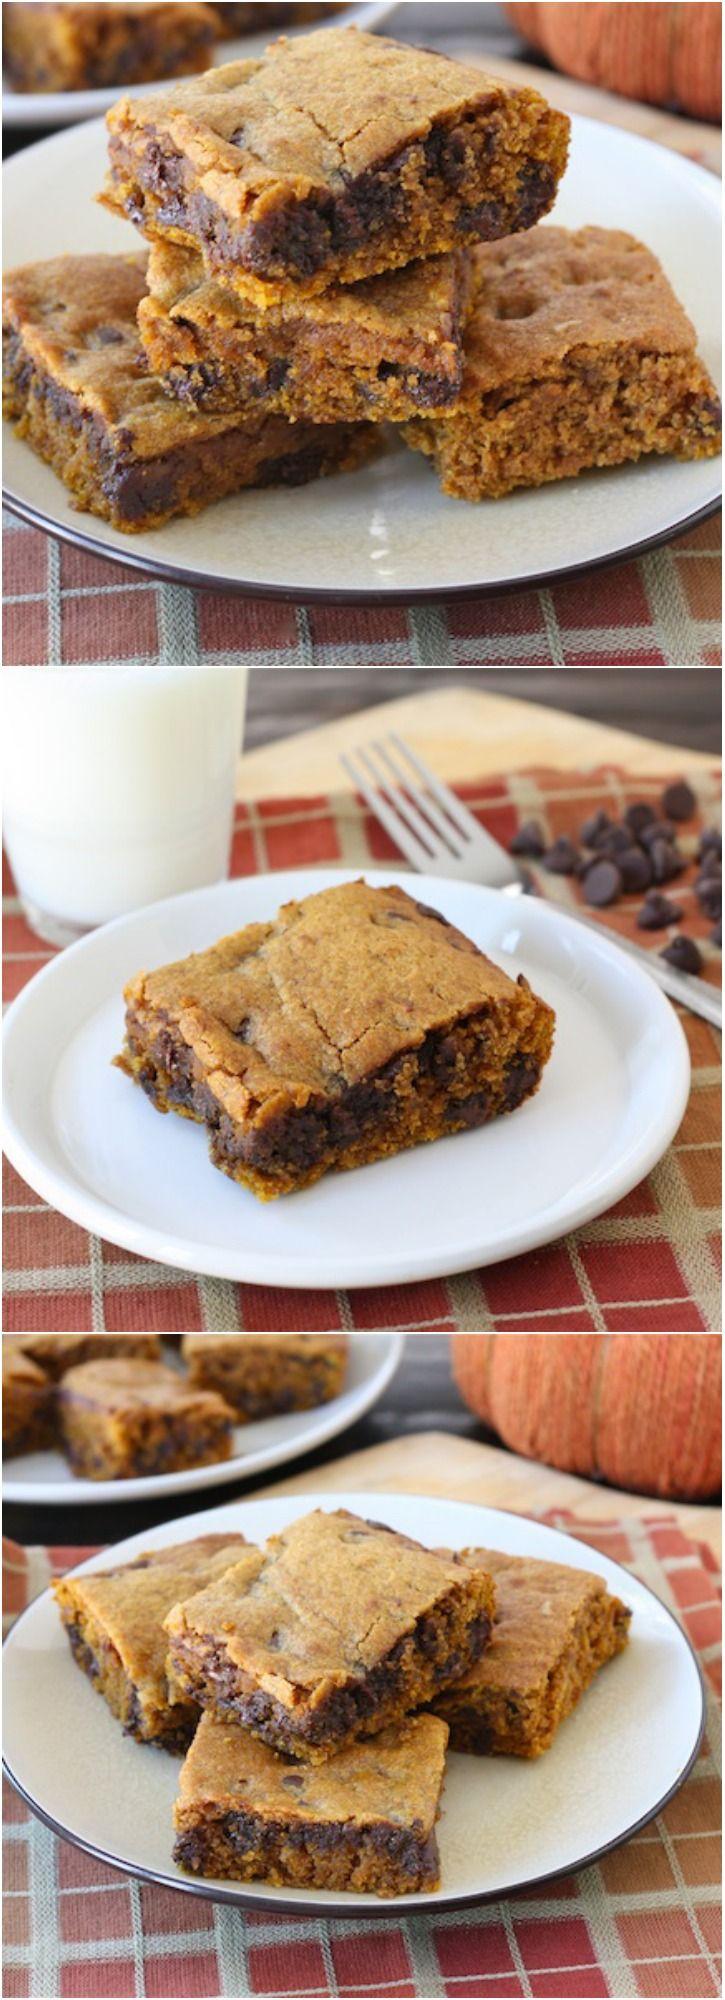 Pumpkin Chocolate Chip Bars Recipe on twopeasandtheirpod.com The BEST pumpkin bars! A perfect dessert for fall! #pumpkin #chocolatechip